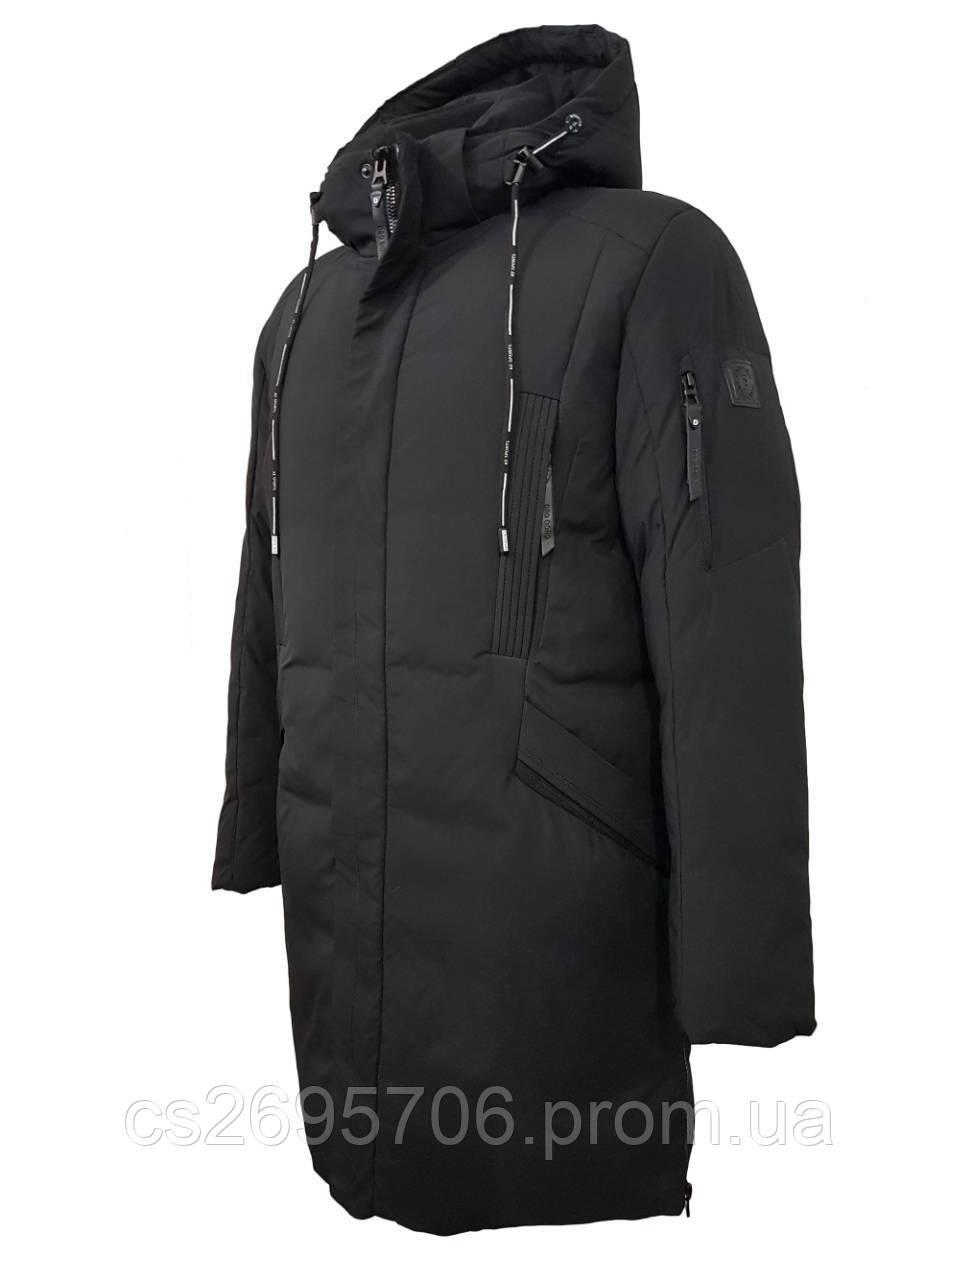 Купить Куртку Украина